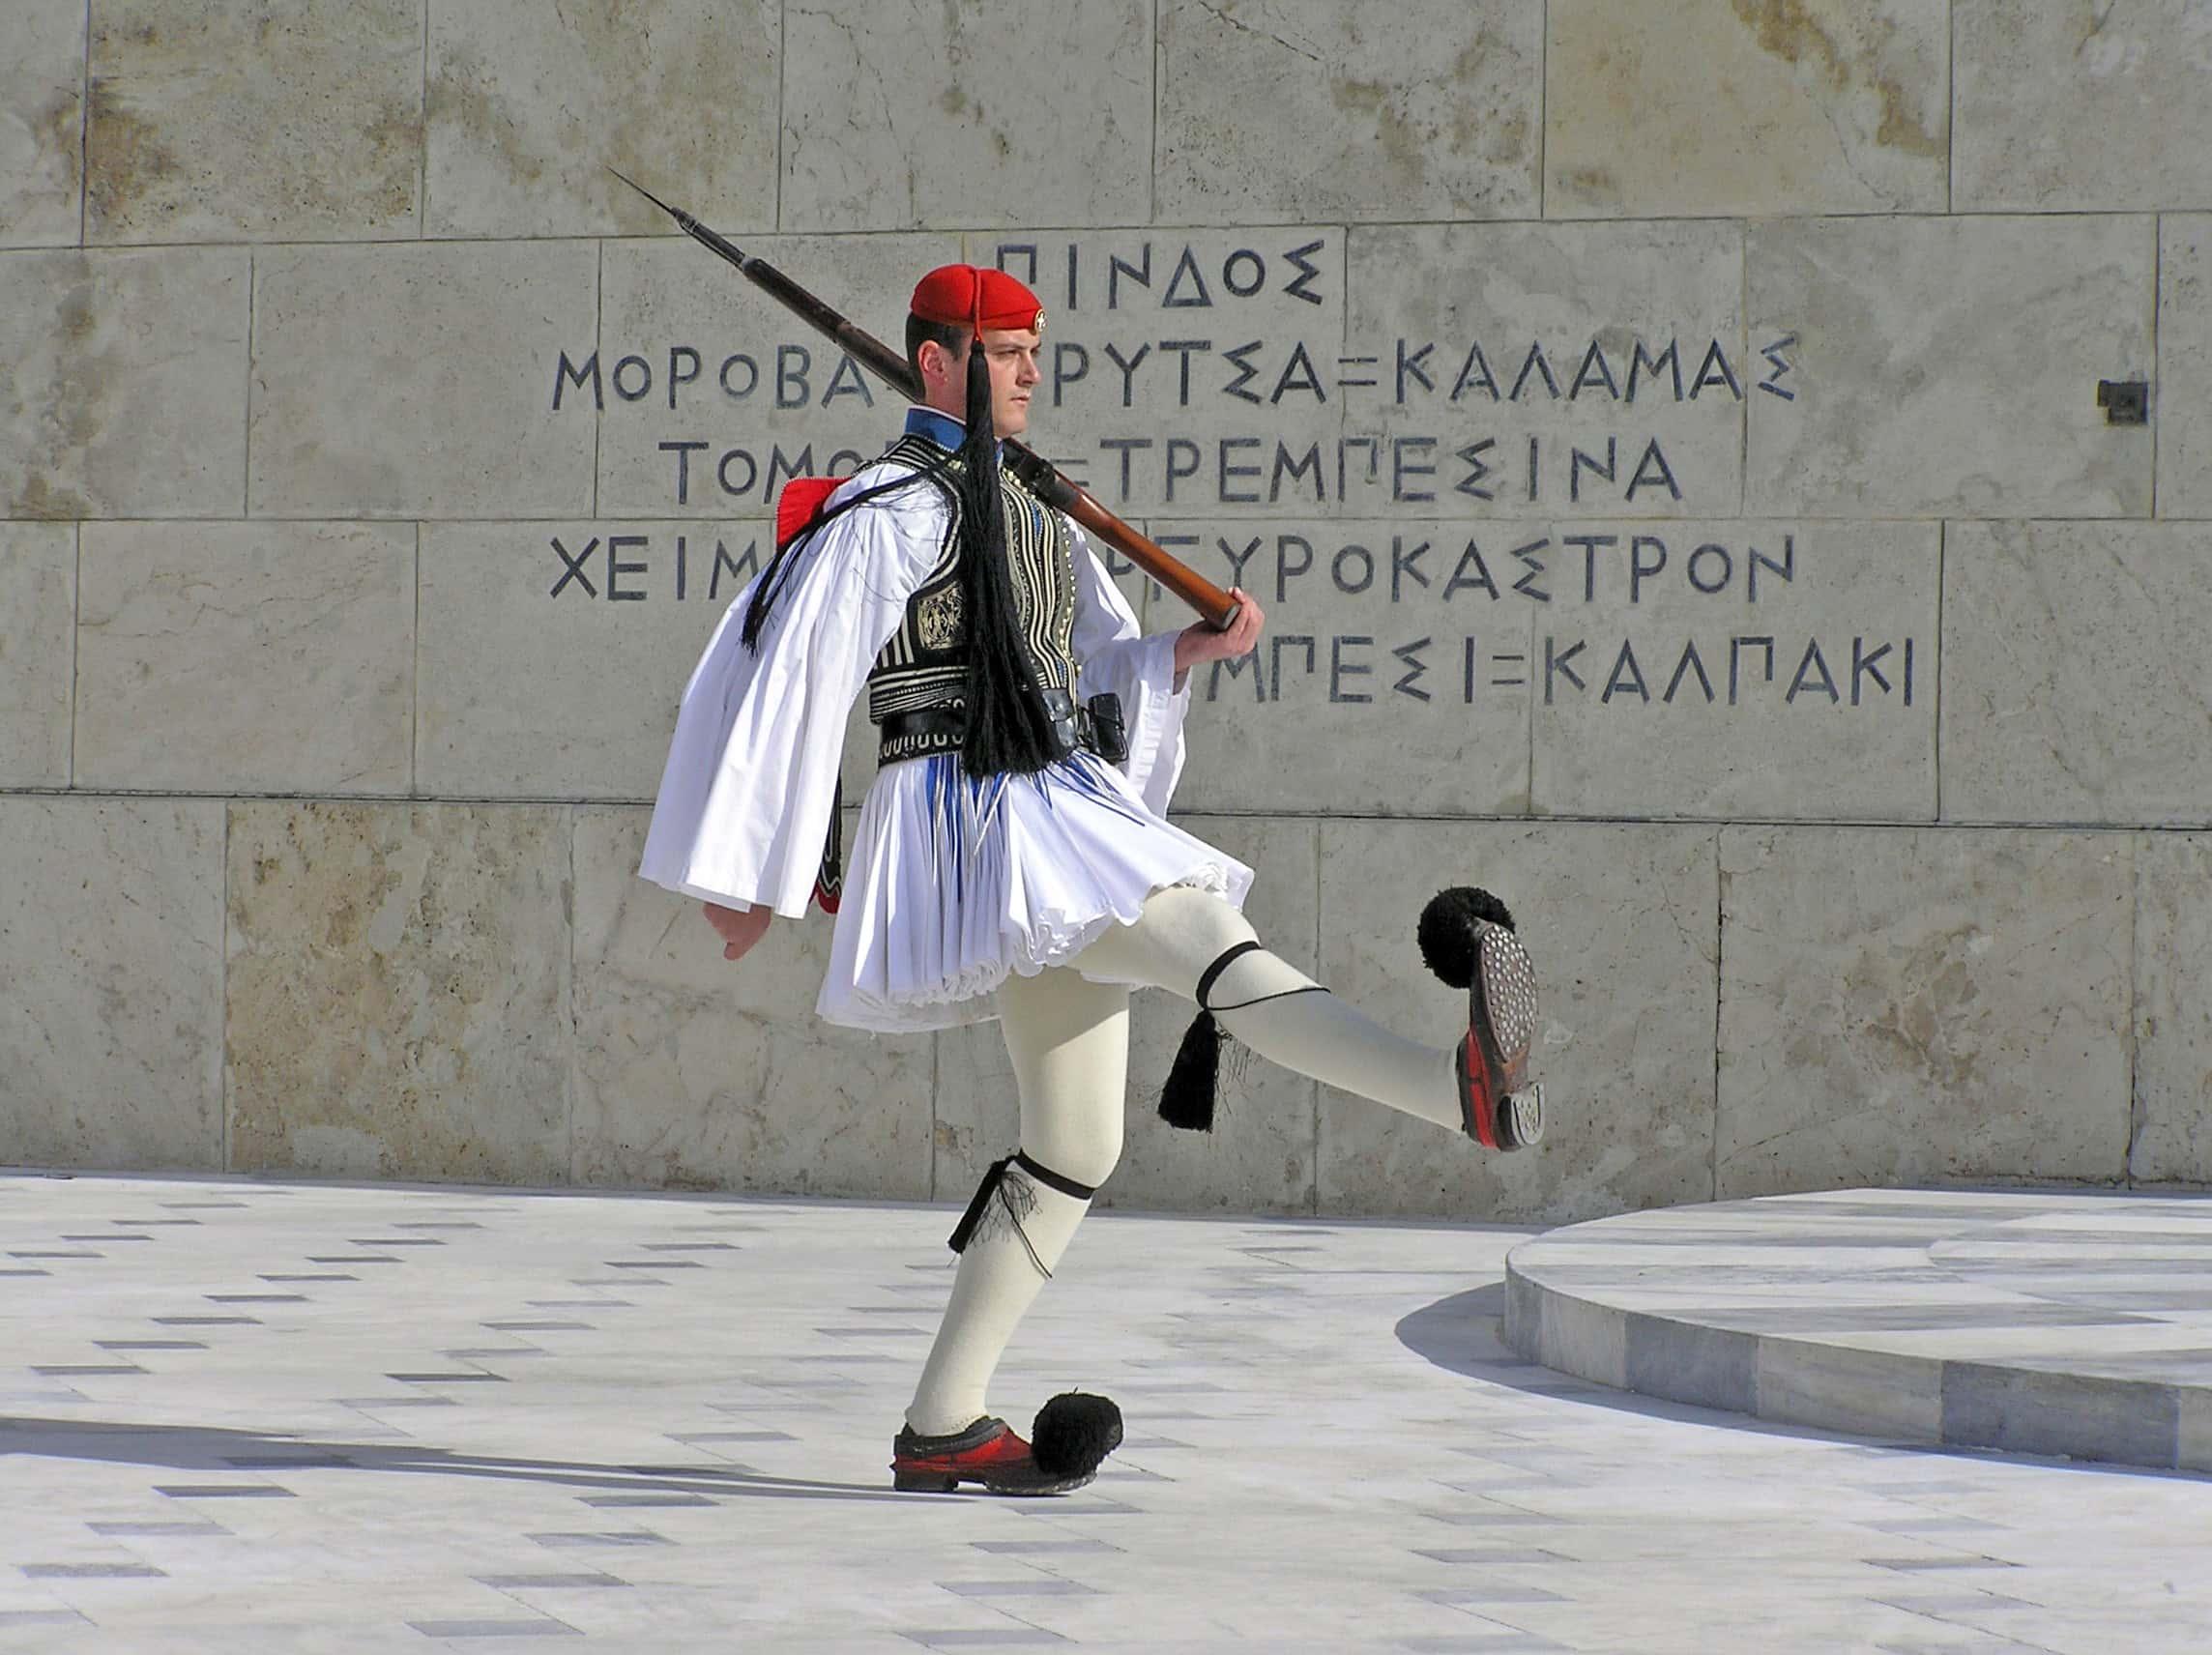 Evzone gardant la tombe du soldat inconnu à Athènes, vêtu de l'uniforme complet.